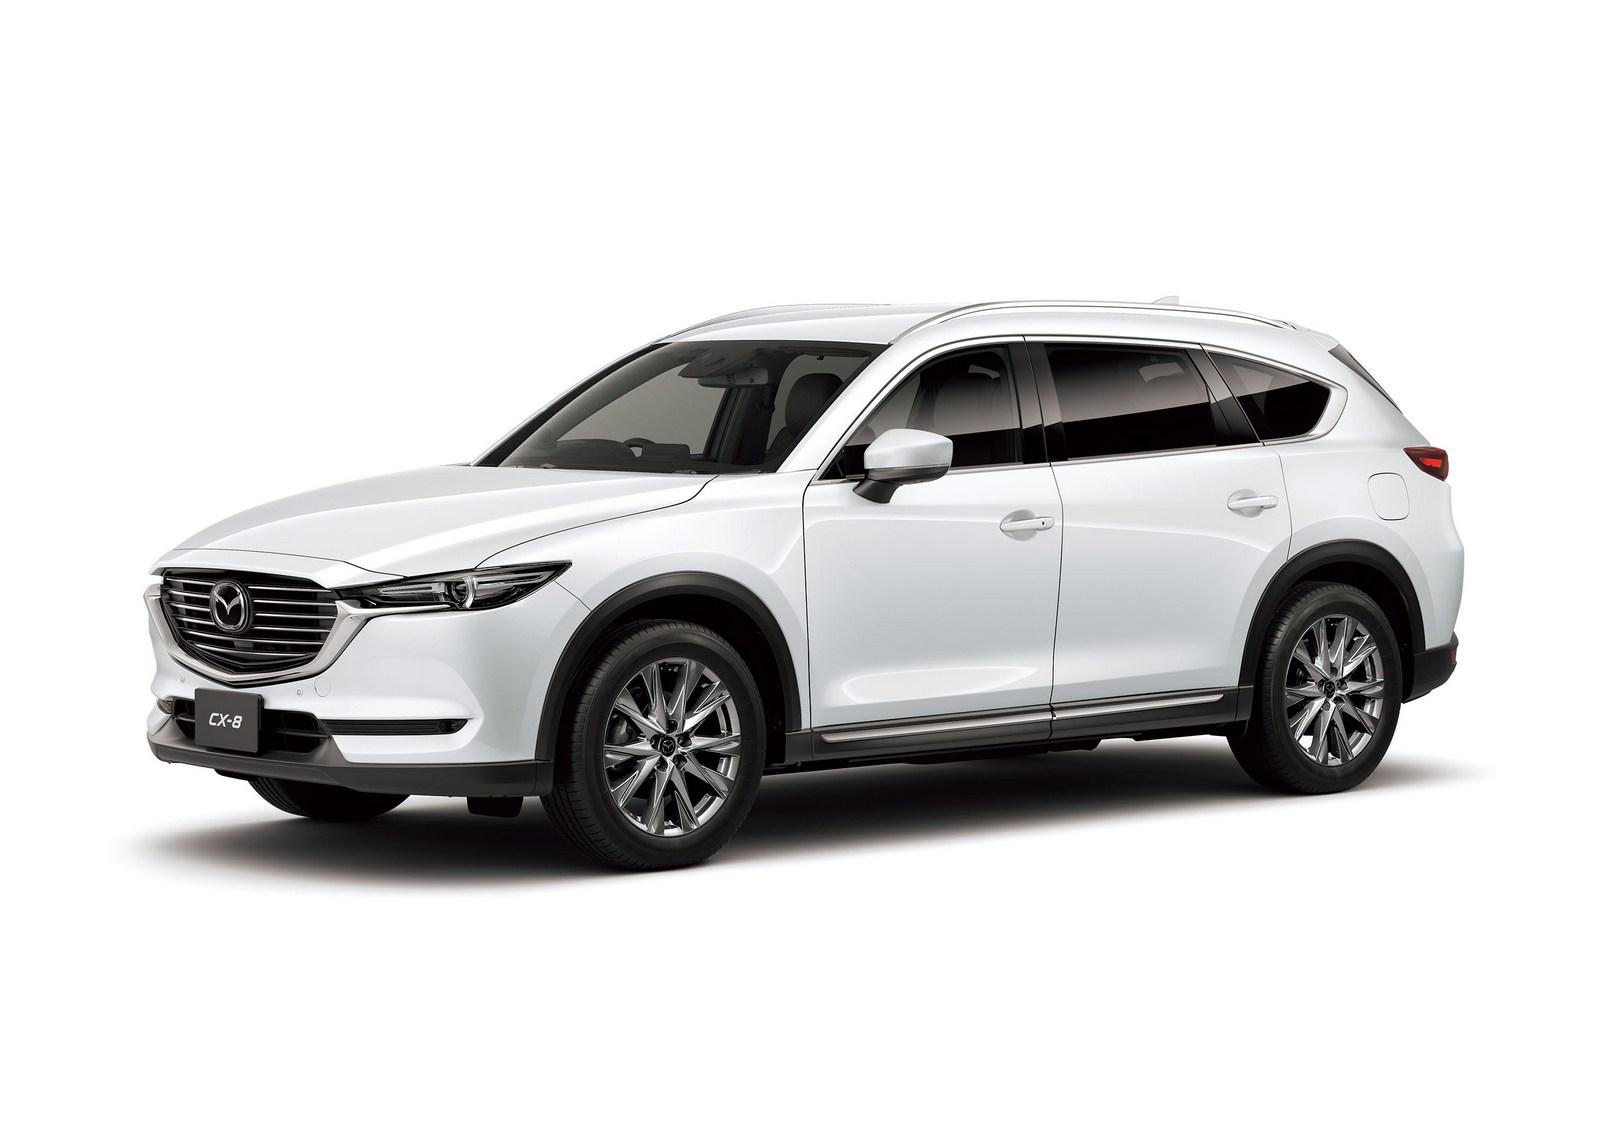 Mazda-CX-8-8